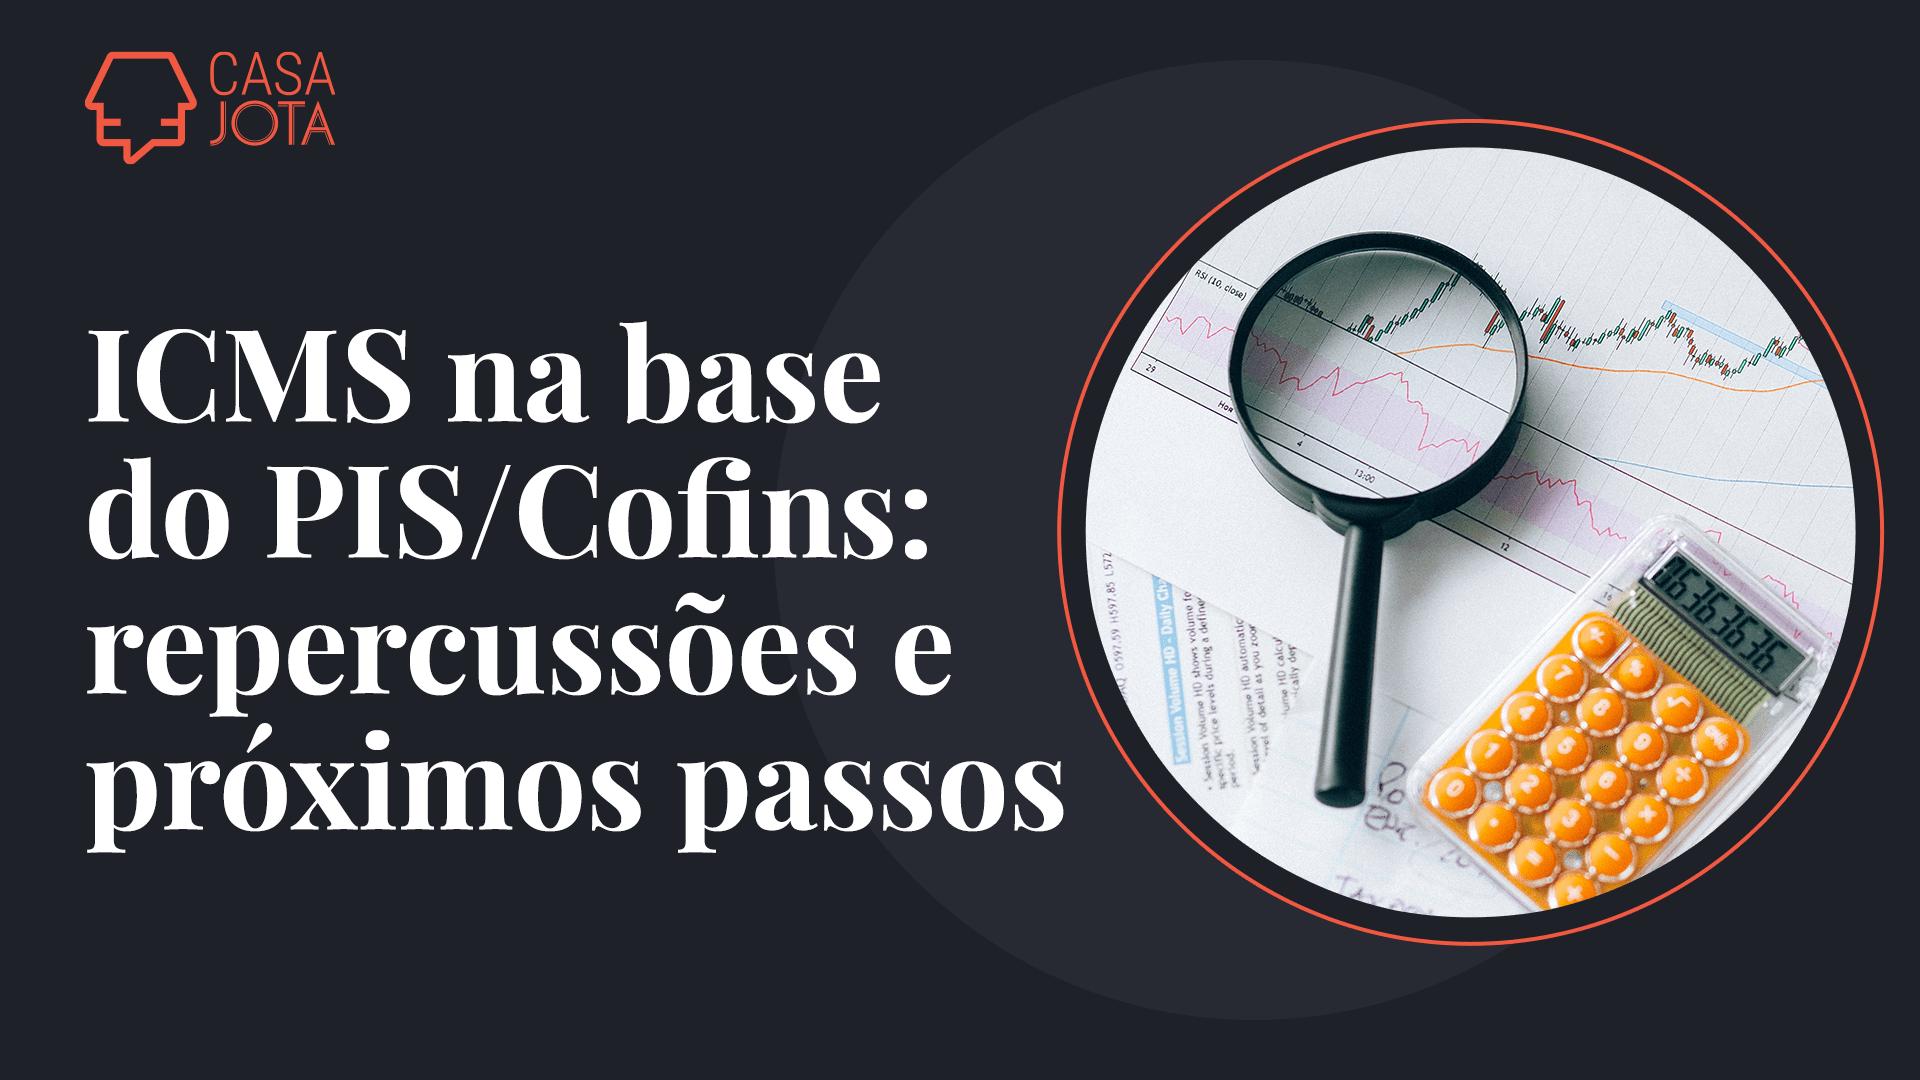 ICMS na base do PIS/Cofins: repercussões e próximos passos